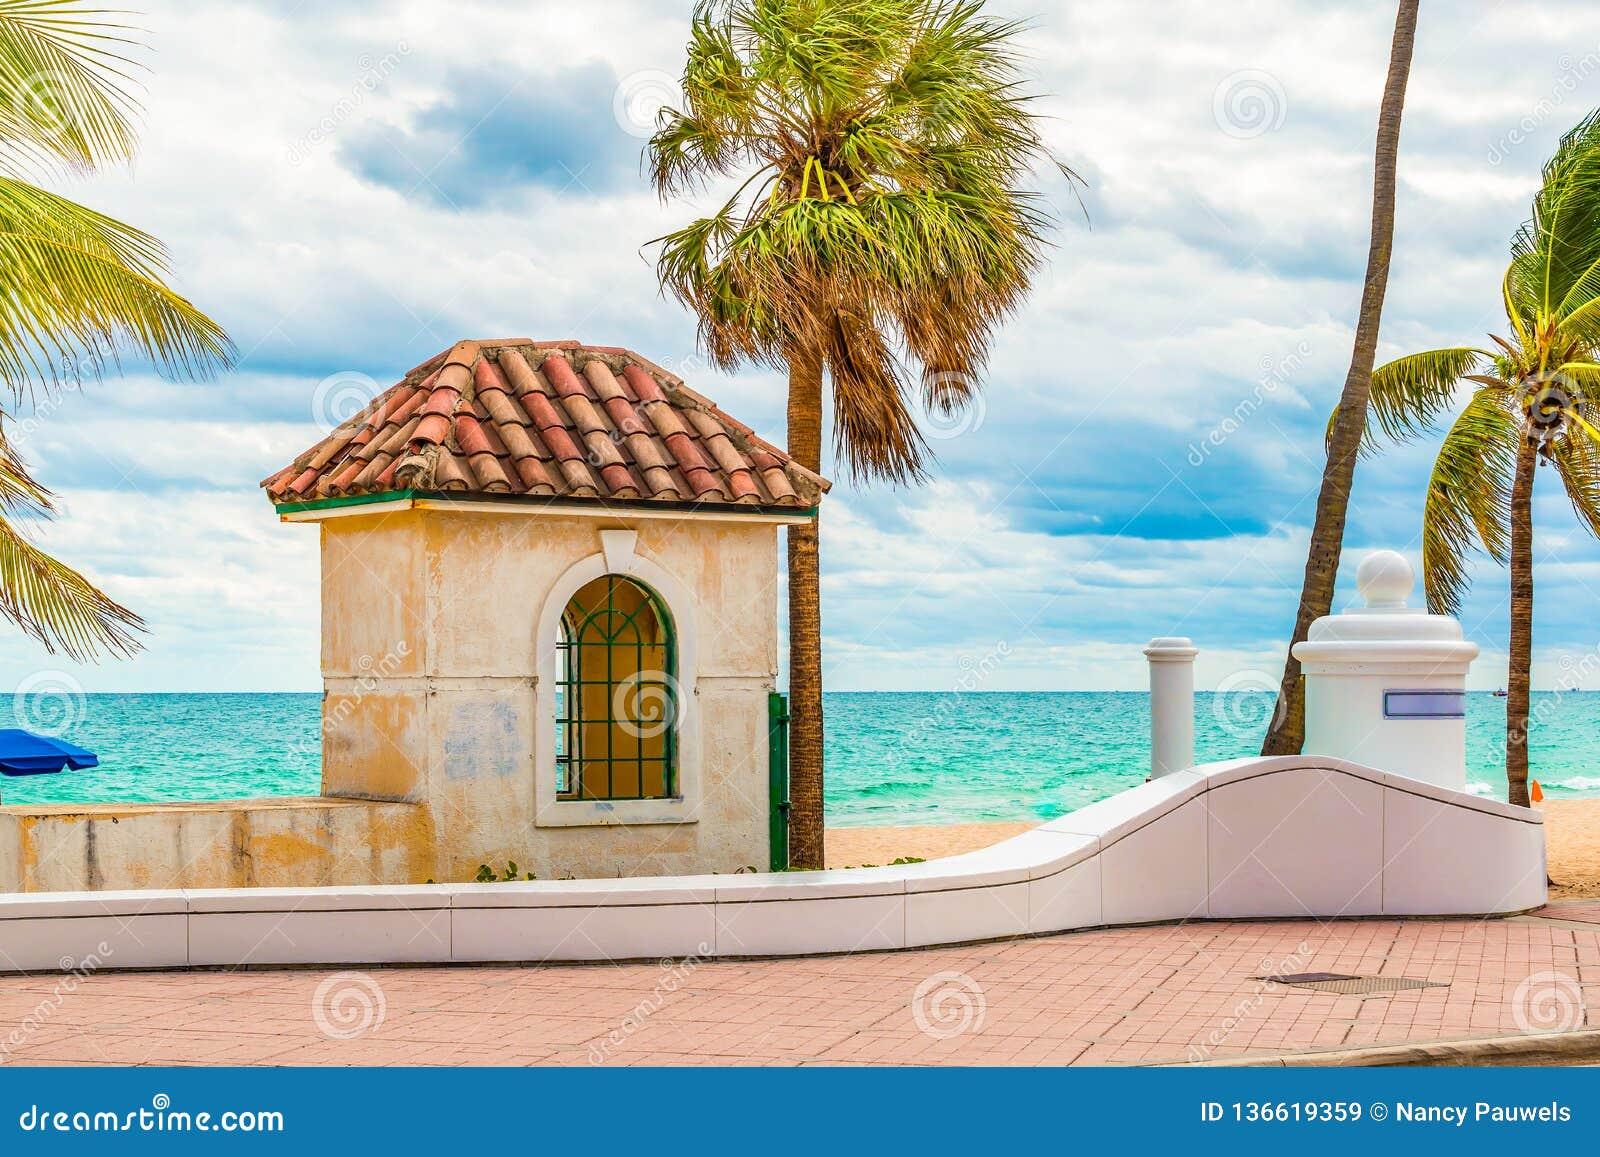 Plage de Fort Lauderdale, la Floride